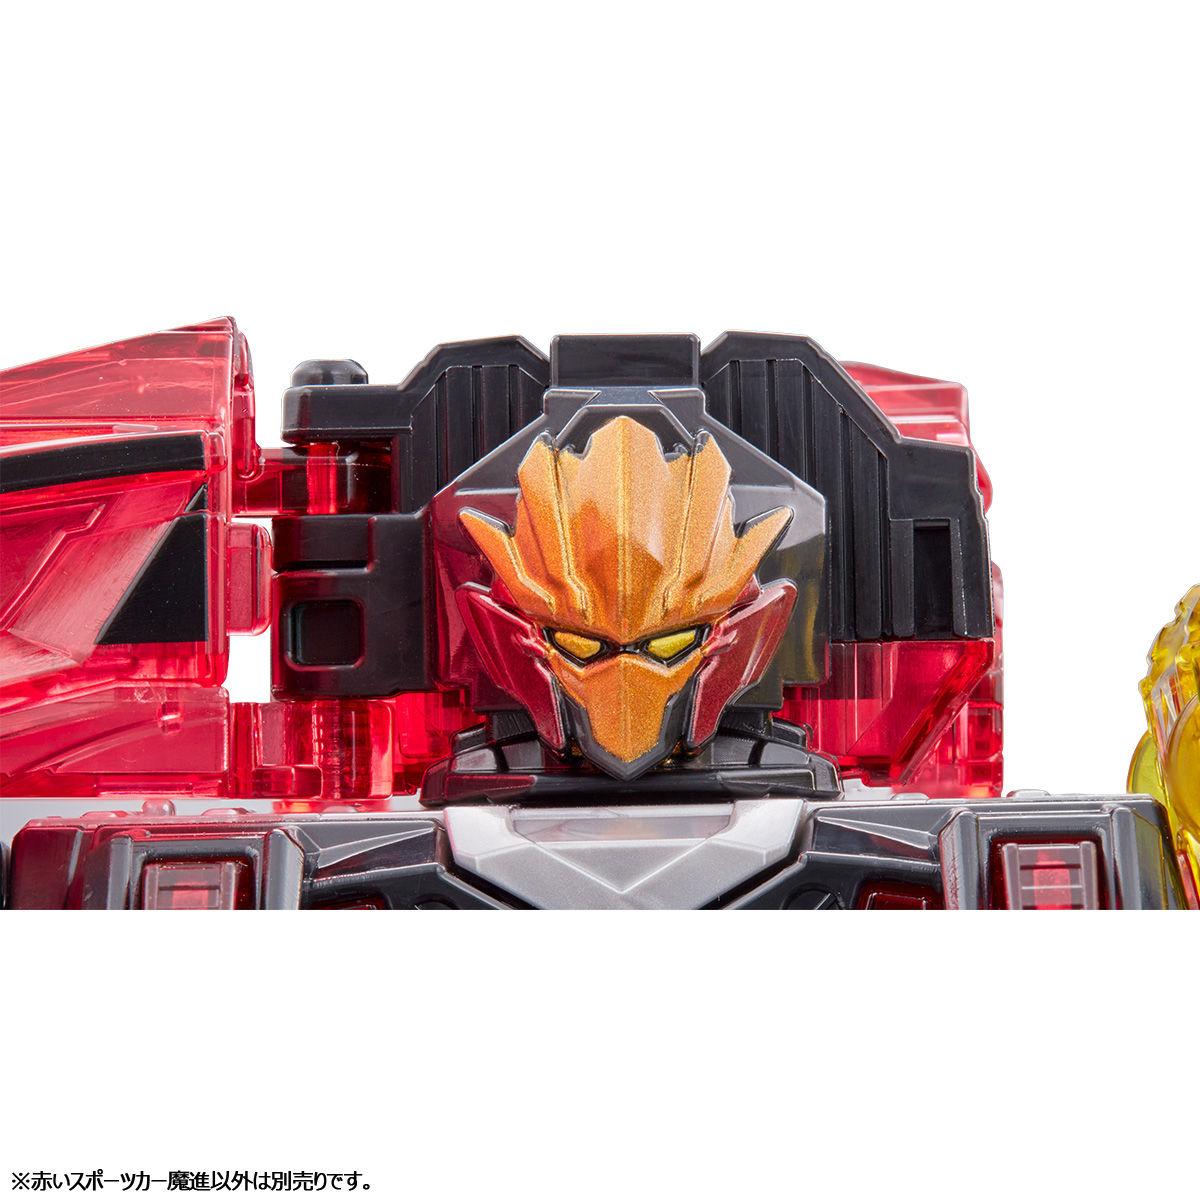 【限定販売】キラメイジャー ロボシリーズ01『魔進合体 赤いスポーツカー魔進』可変可動フィギュア-005